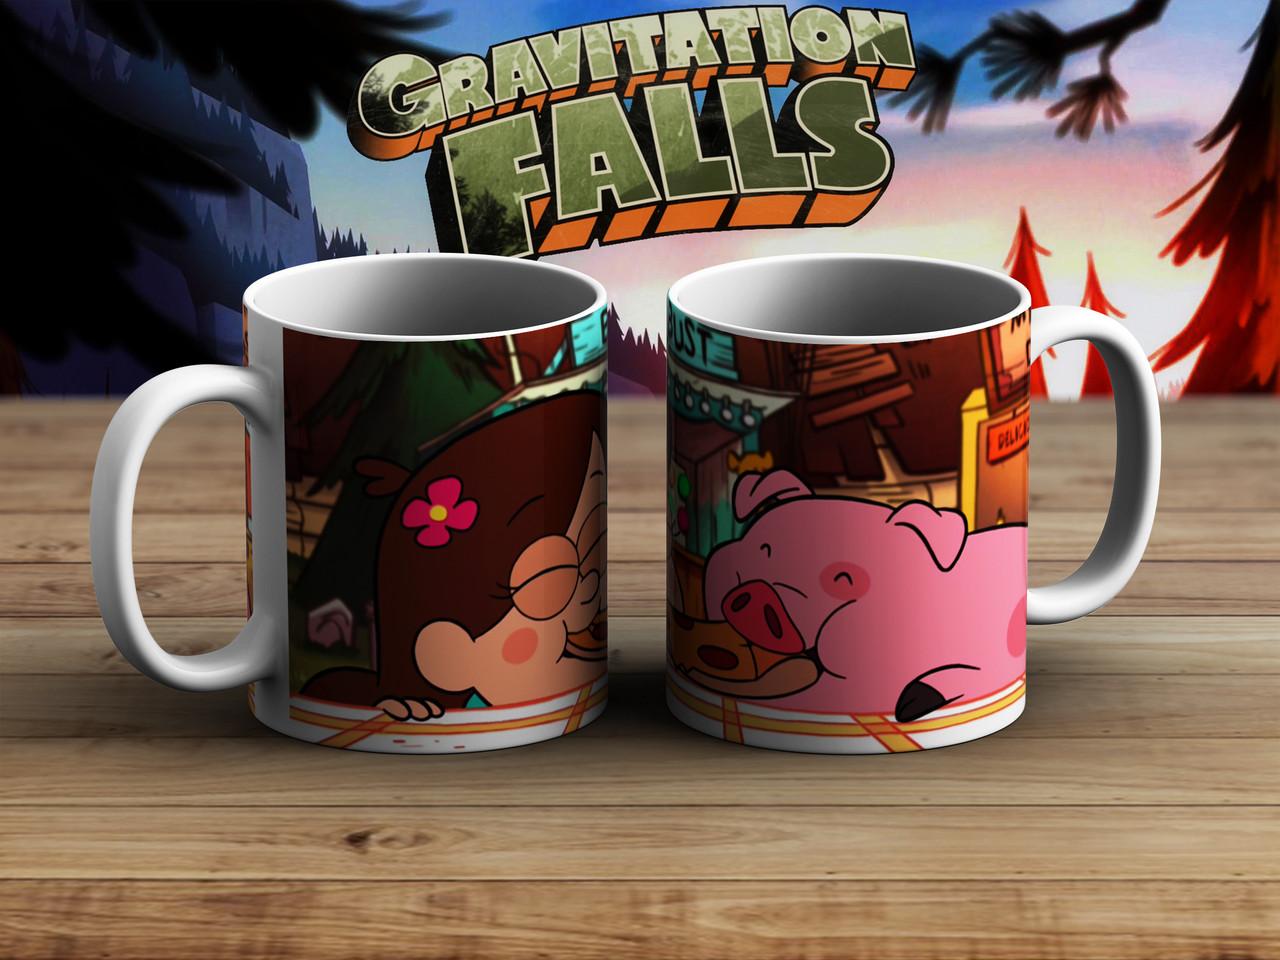 Чашка Пухля и Мэйбл Гравити Фолз / Gravity Falls